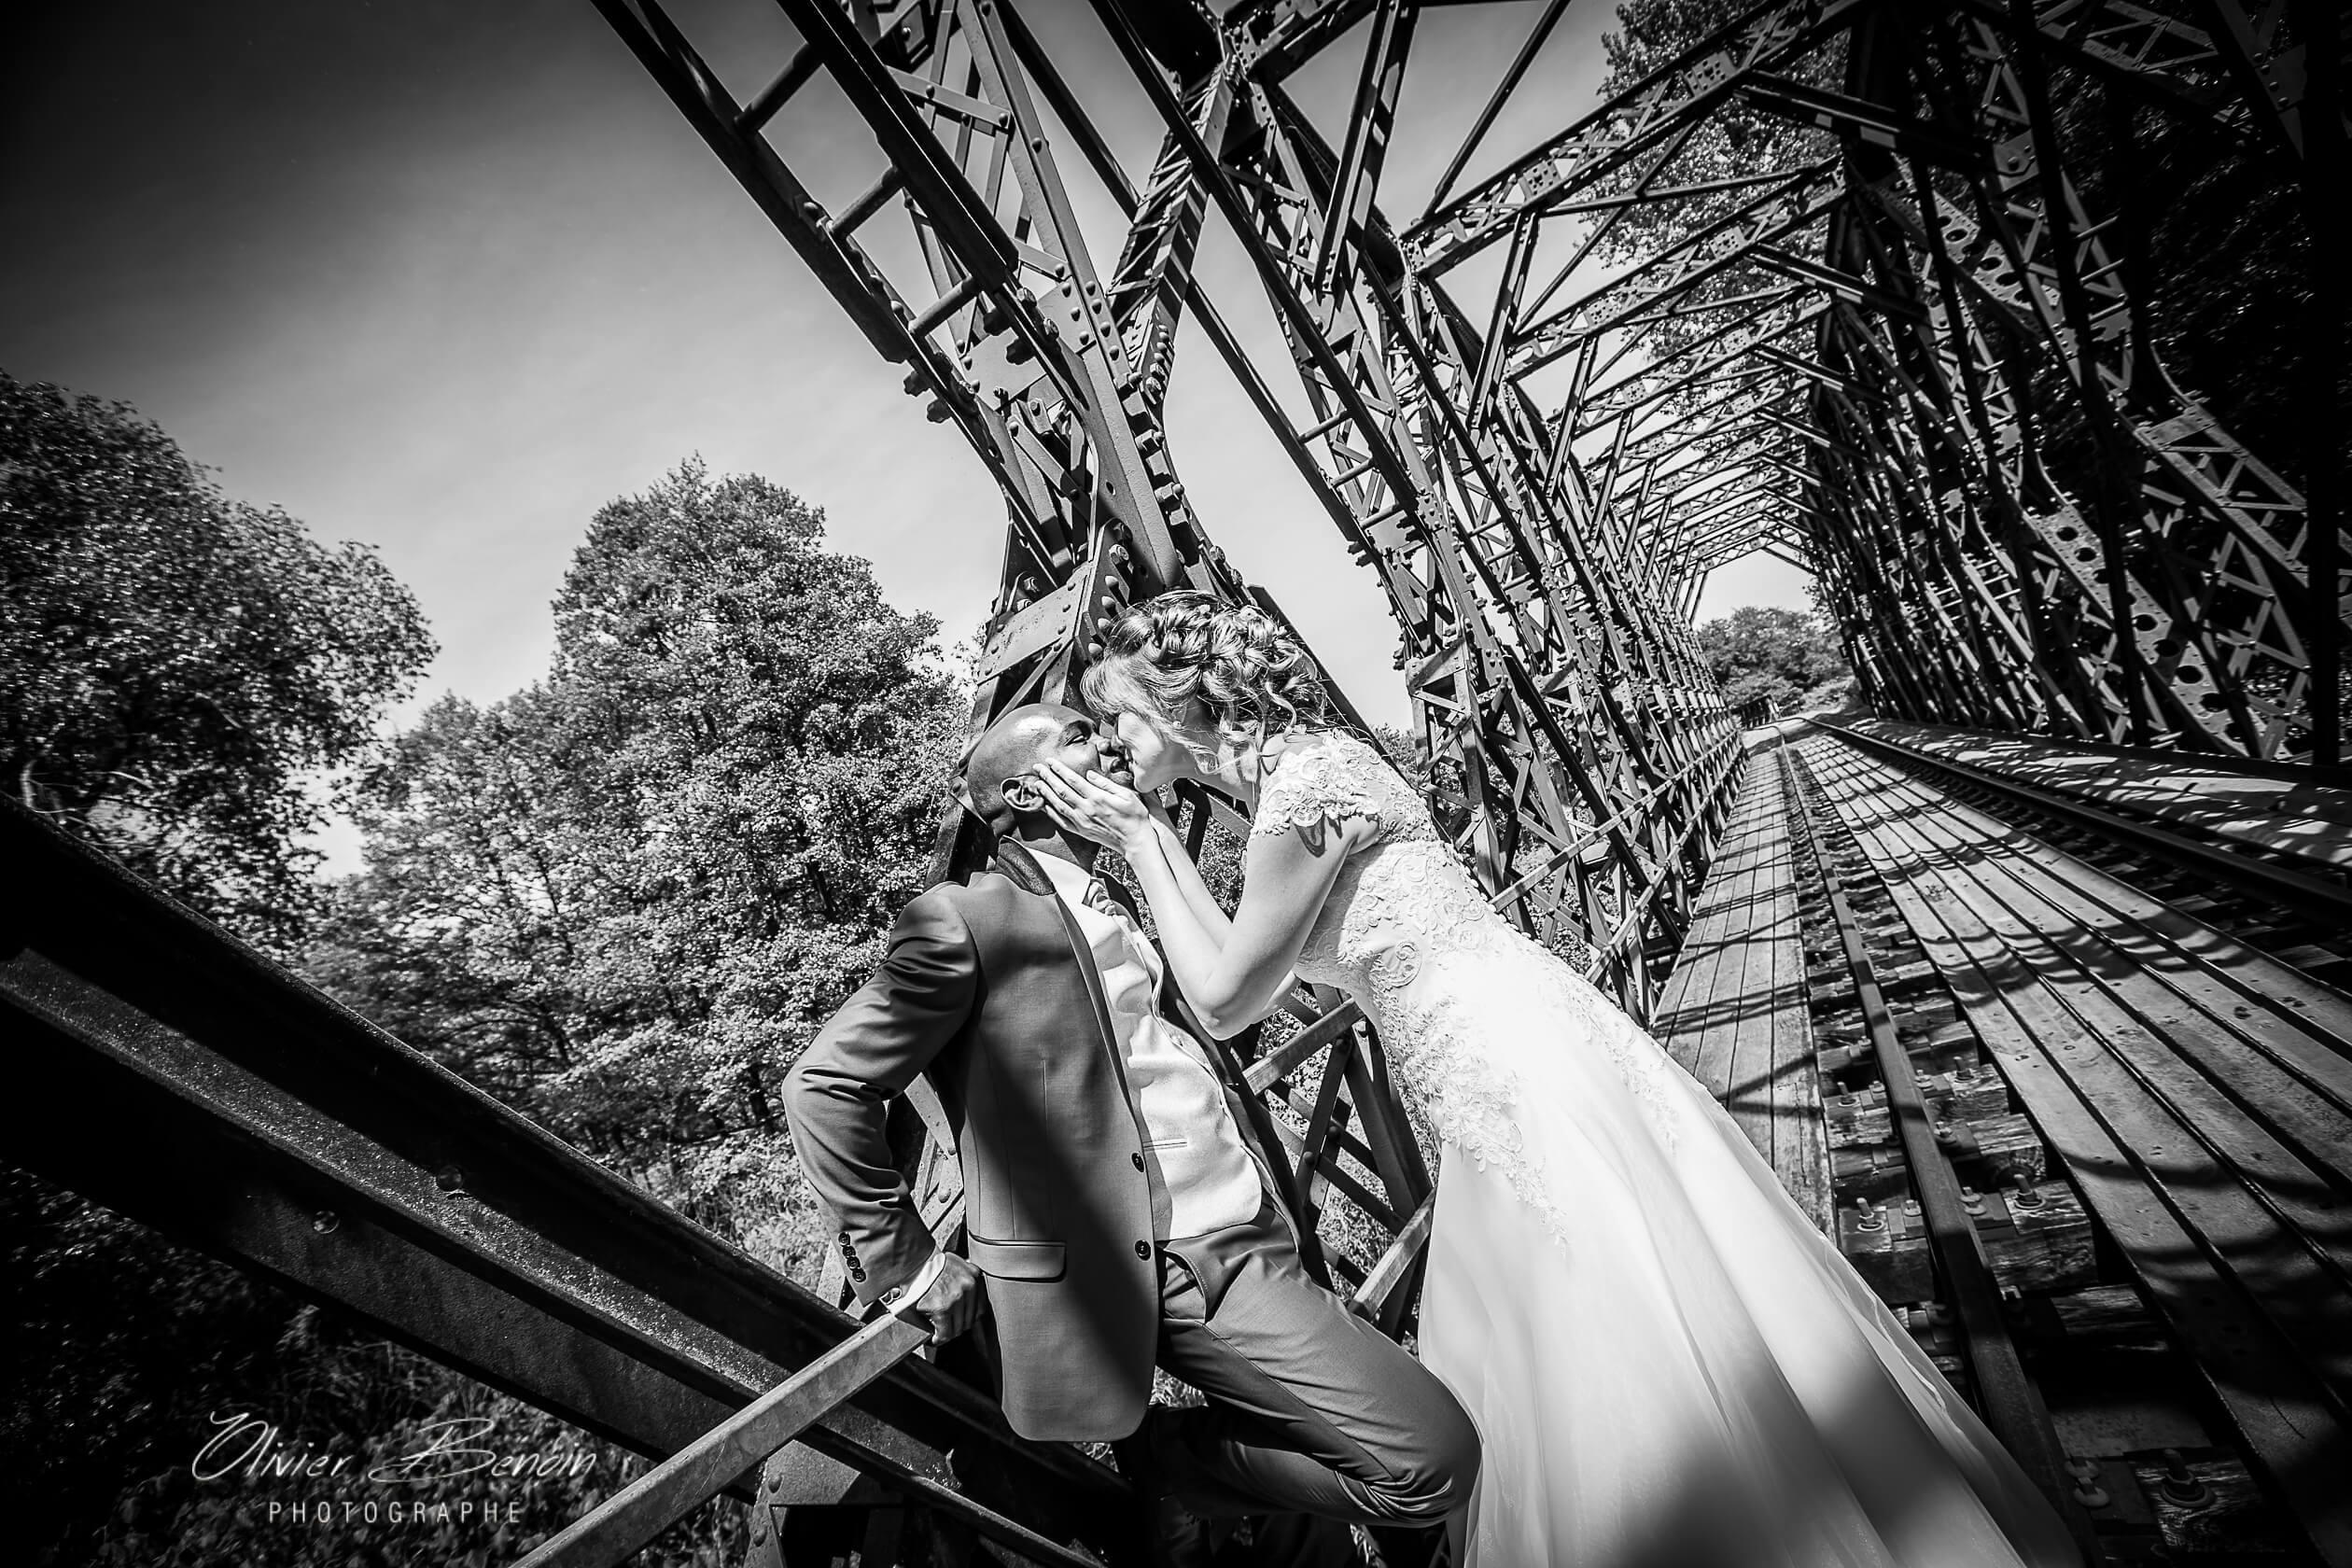 Séance photo de mariage sur un pont métalique